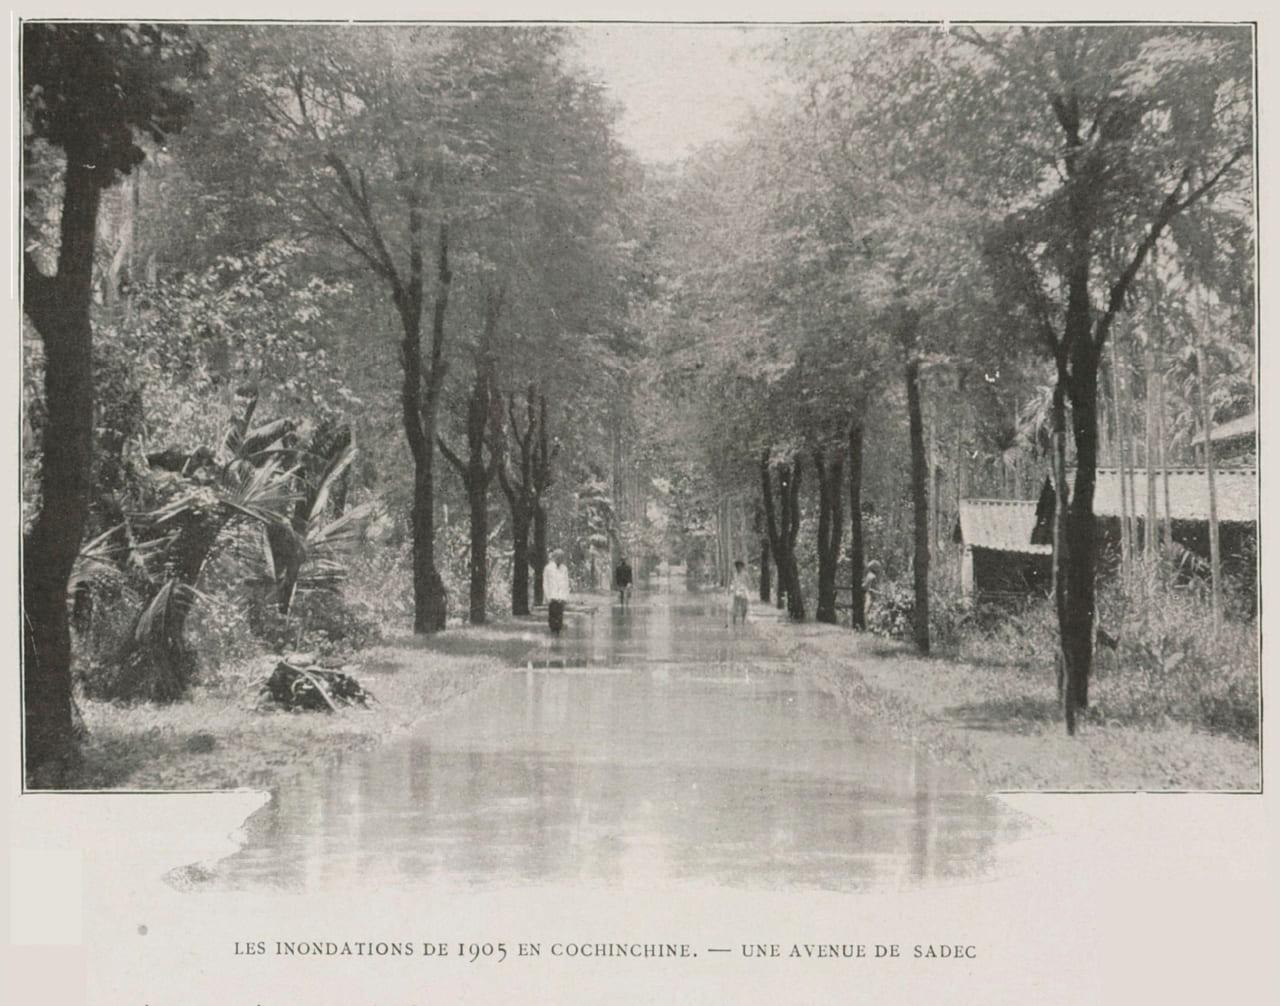 Đại lộ Sa Đéc bị ngập năm 1905 - ảnh Đồng Tháp xưa